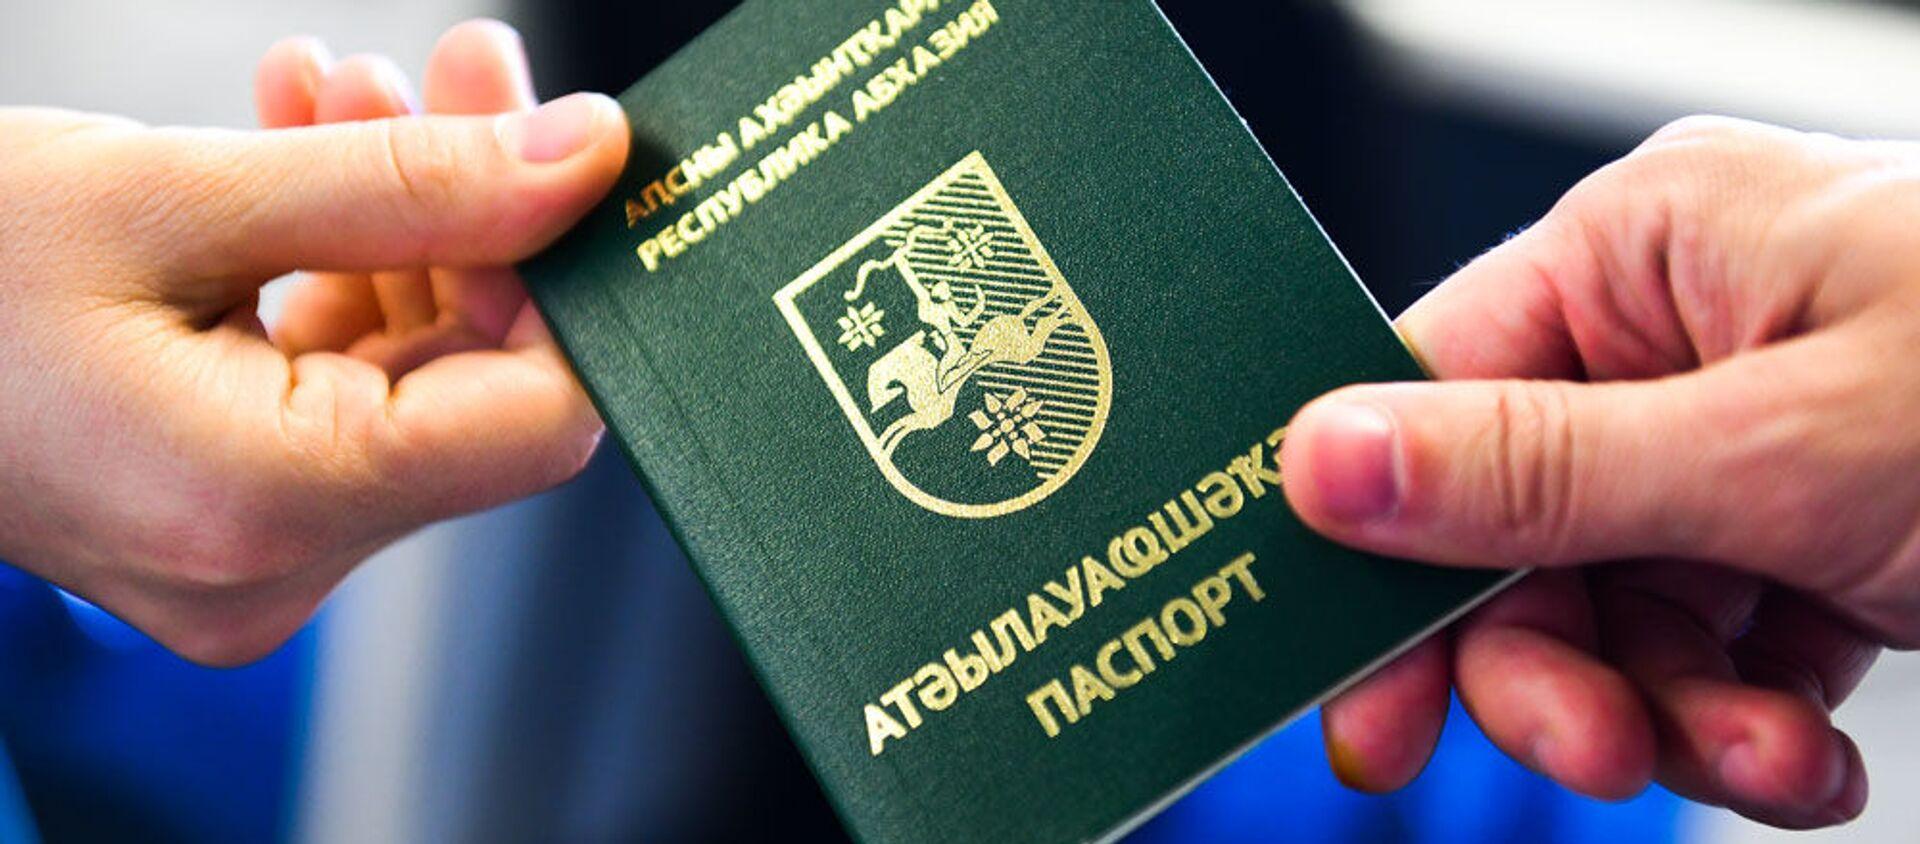 Абхазский паспорт - Sputnik Абхазия, 1920, 14.08.2020